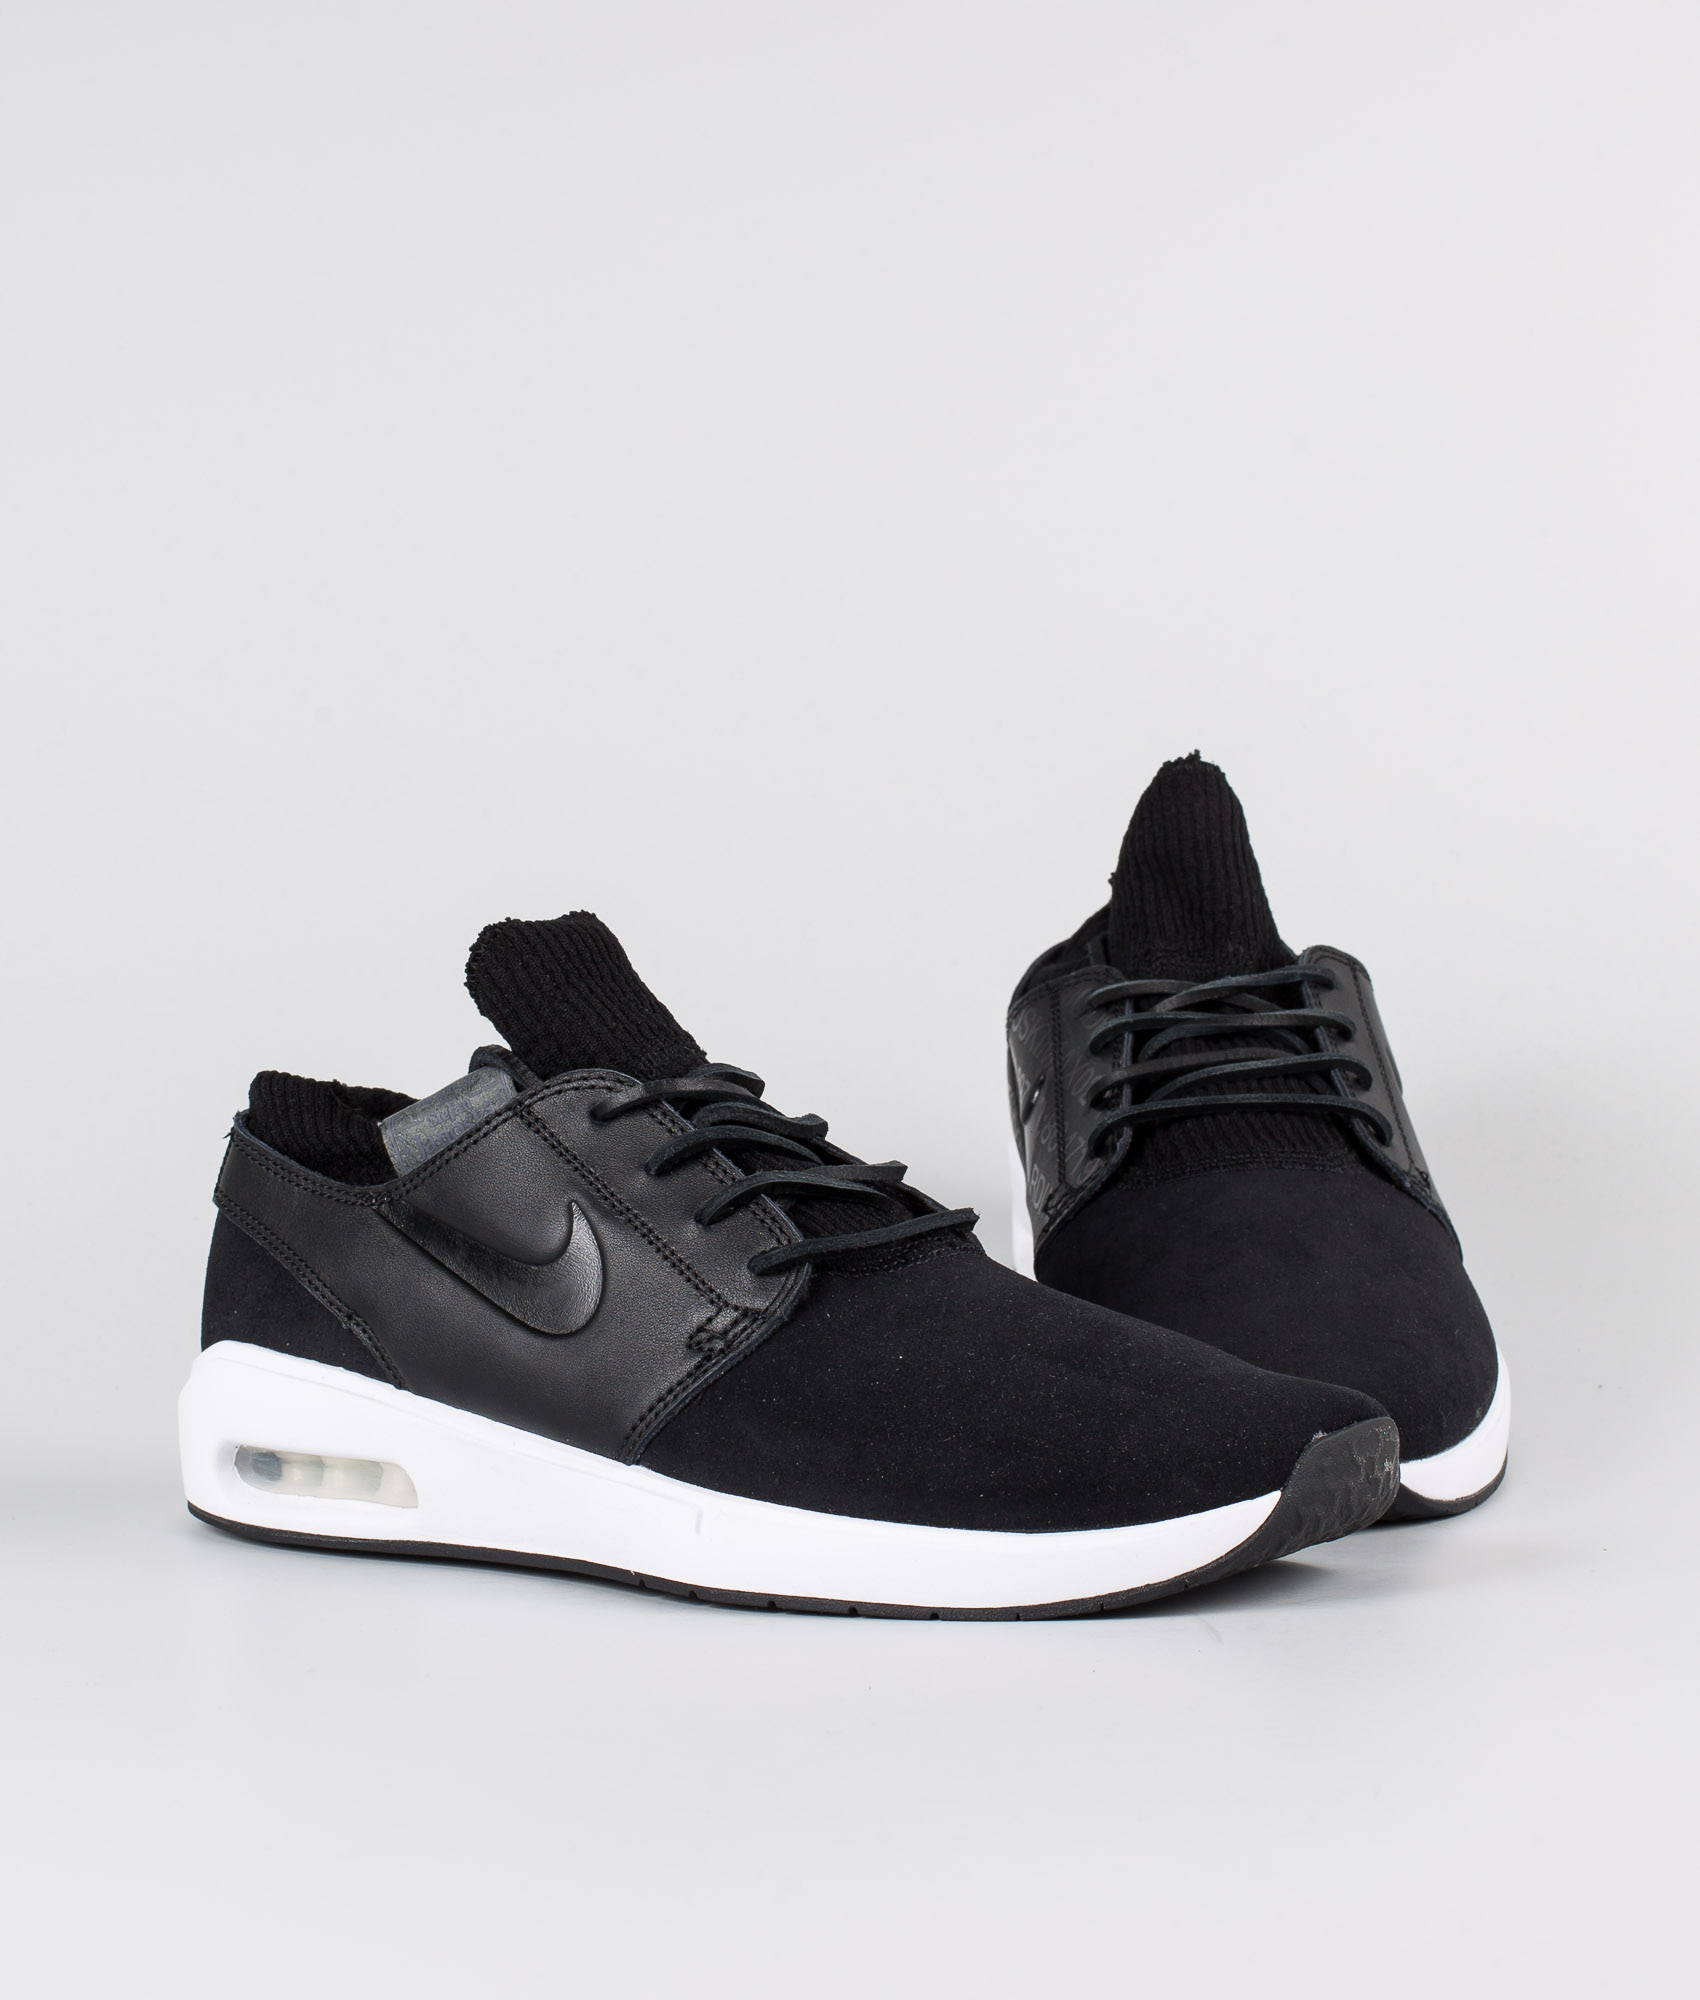 Nike Nike SB Air Max Janoski 2 Premium Skor BlackBlack Black Thunder Grey